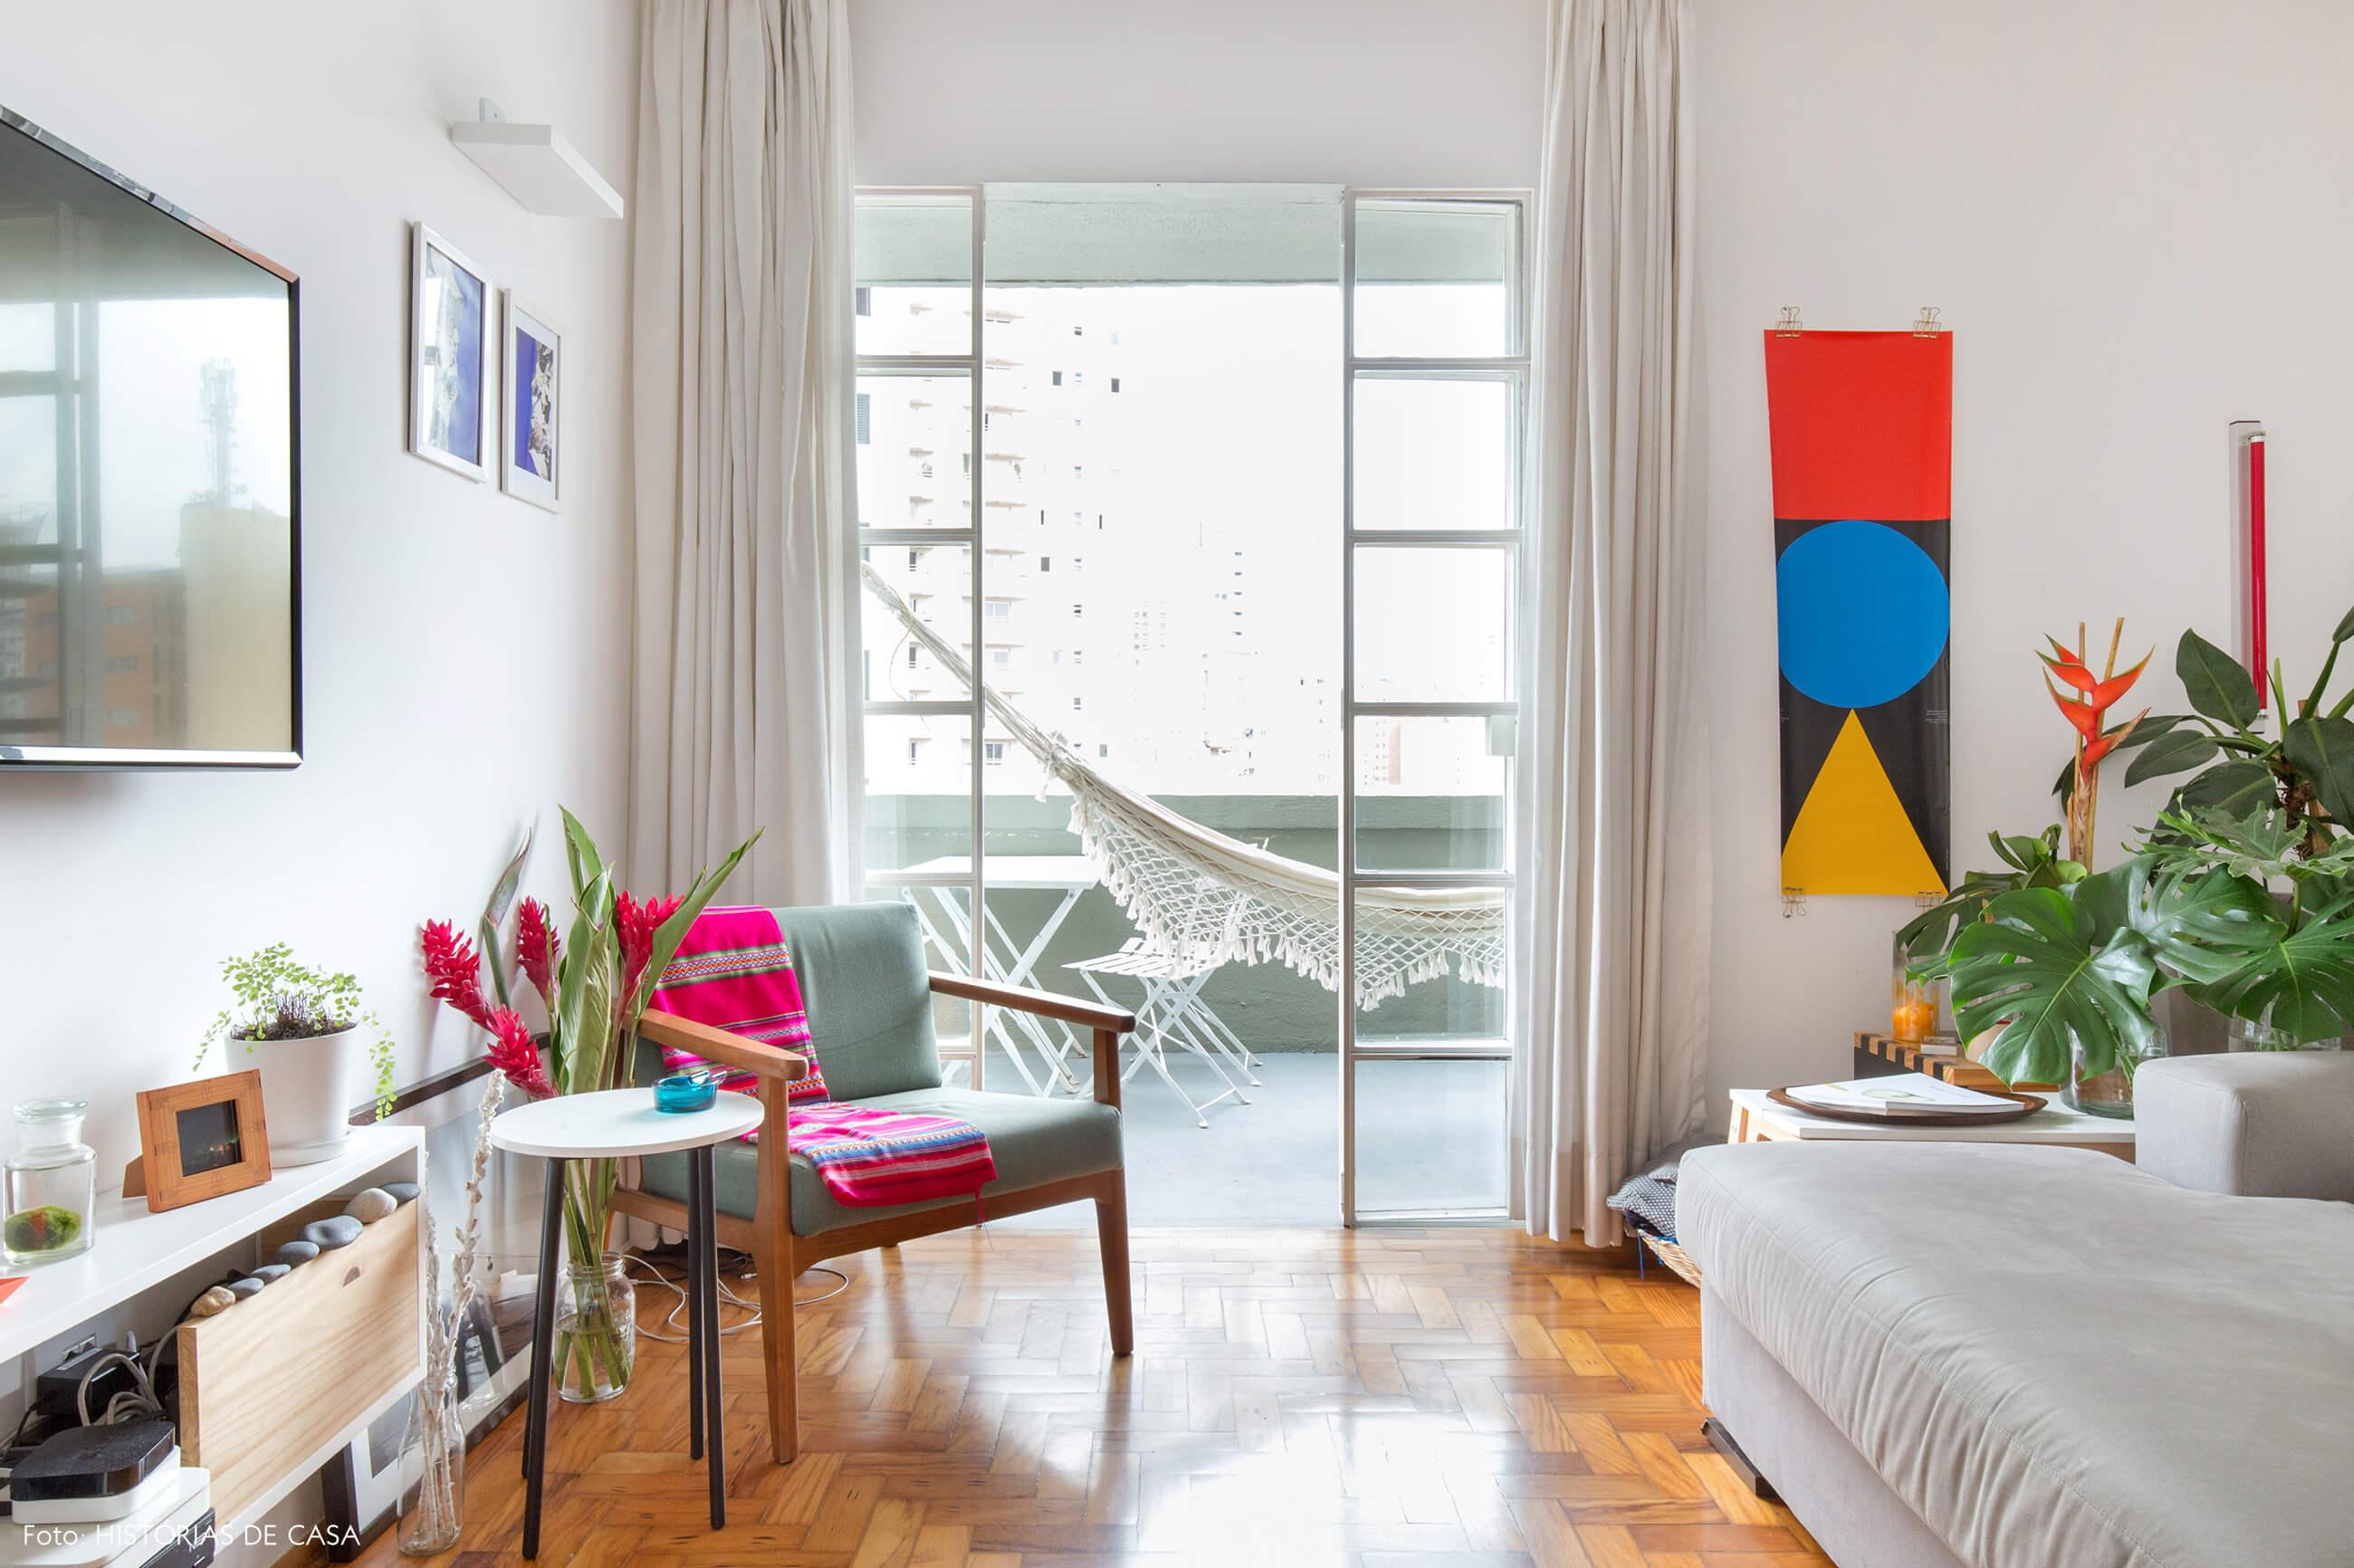 Apartamento reformado com varanda e portas de serralheria